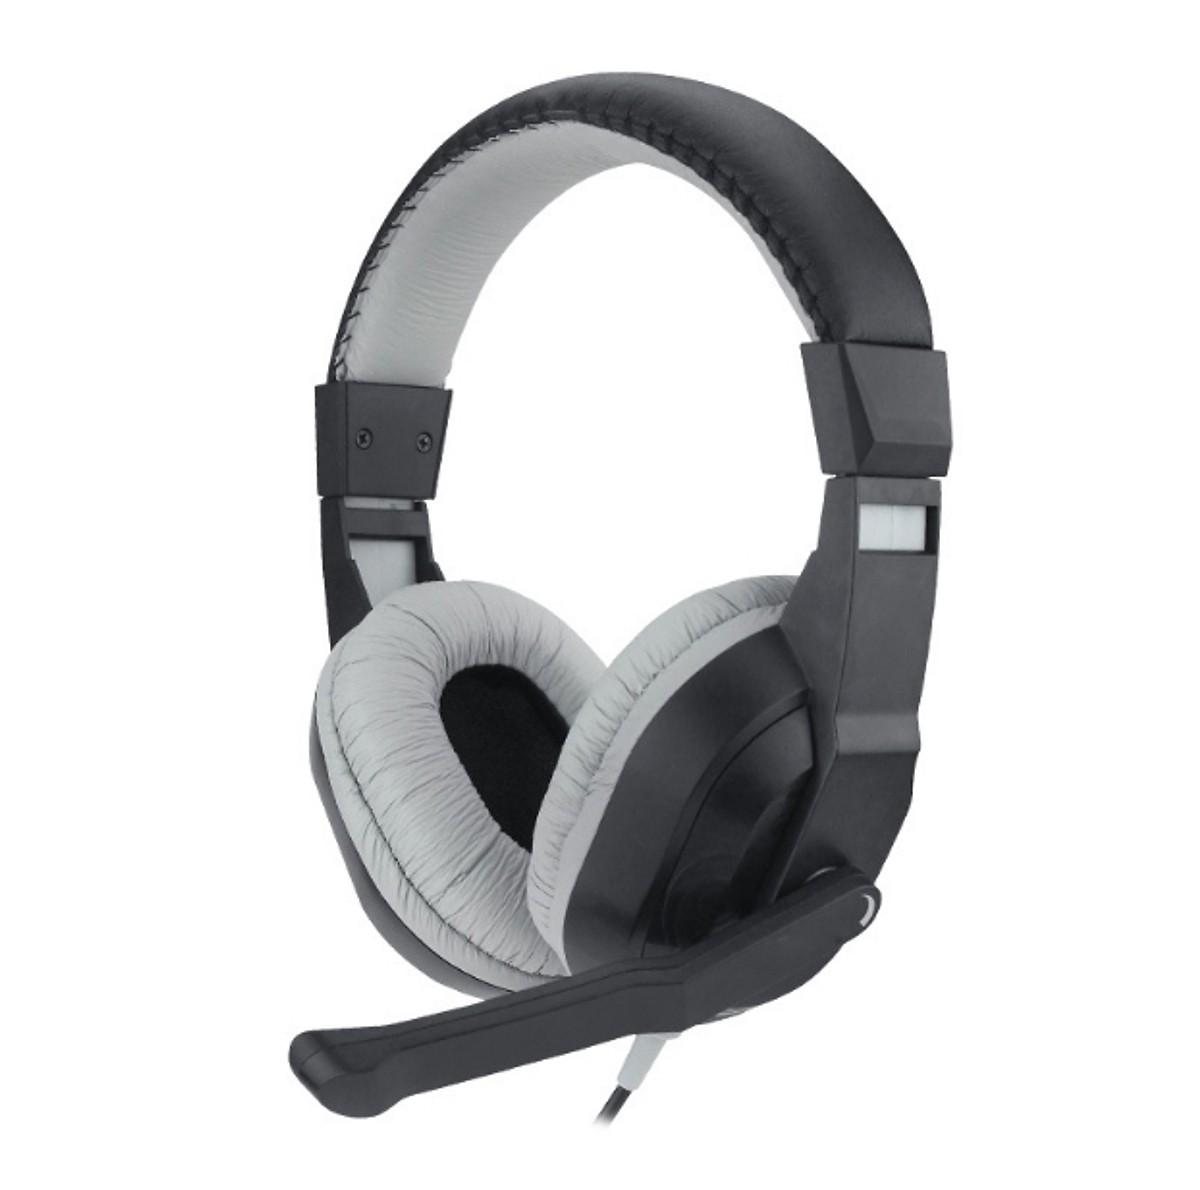 Tai nghe chụp tai kèm mic đàm thoại CT-770 dành cho game thủ chống nhiễu, chống ồn tốt + Tặng hộp quẹt bật lửa bay mặt ma cao cấp